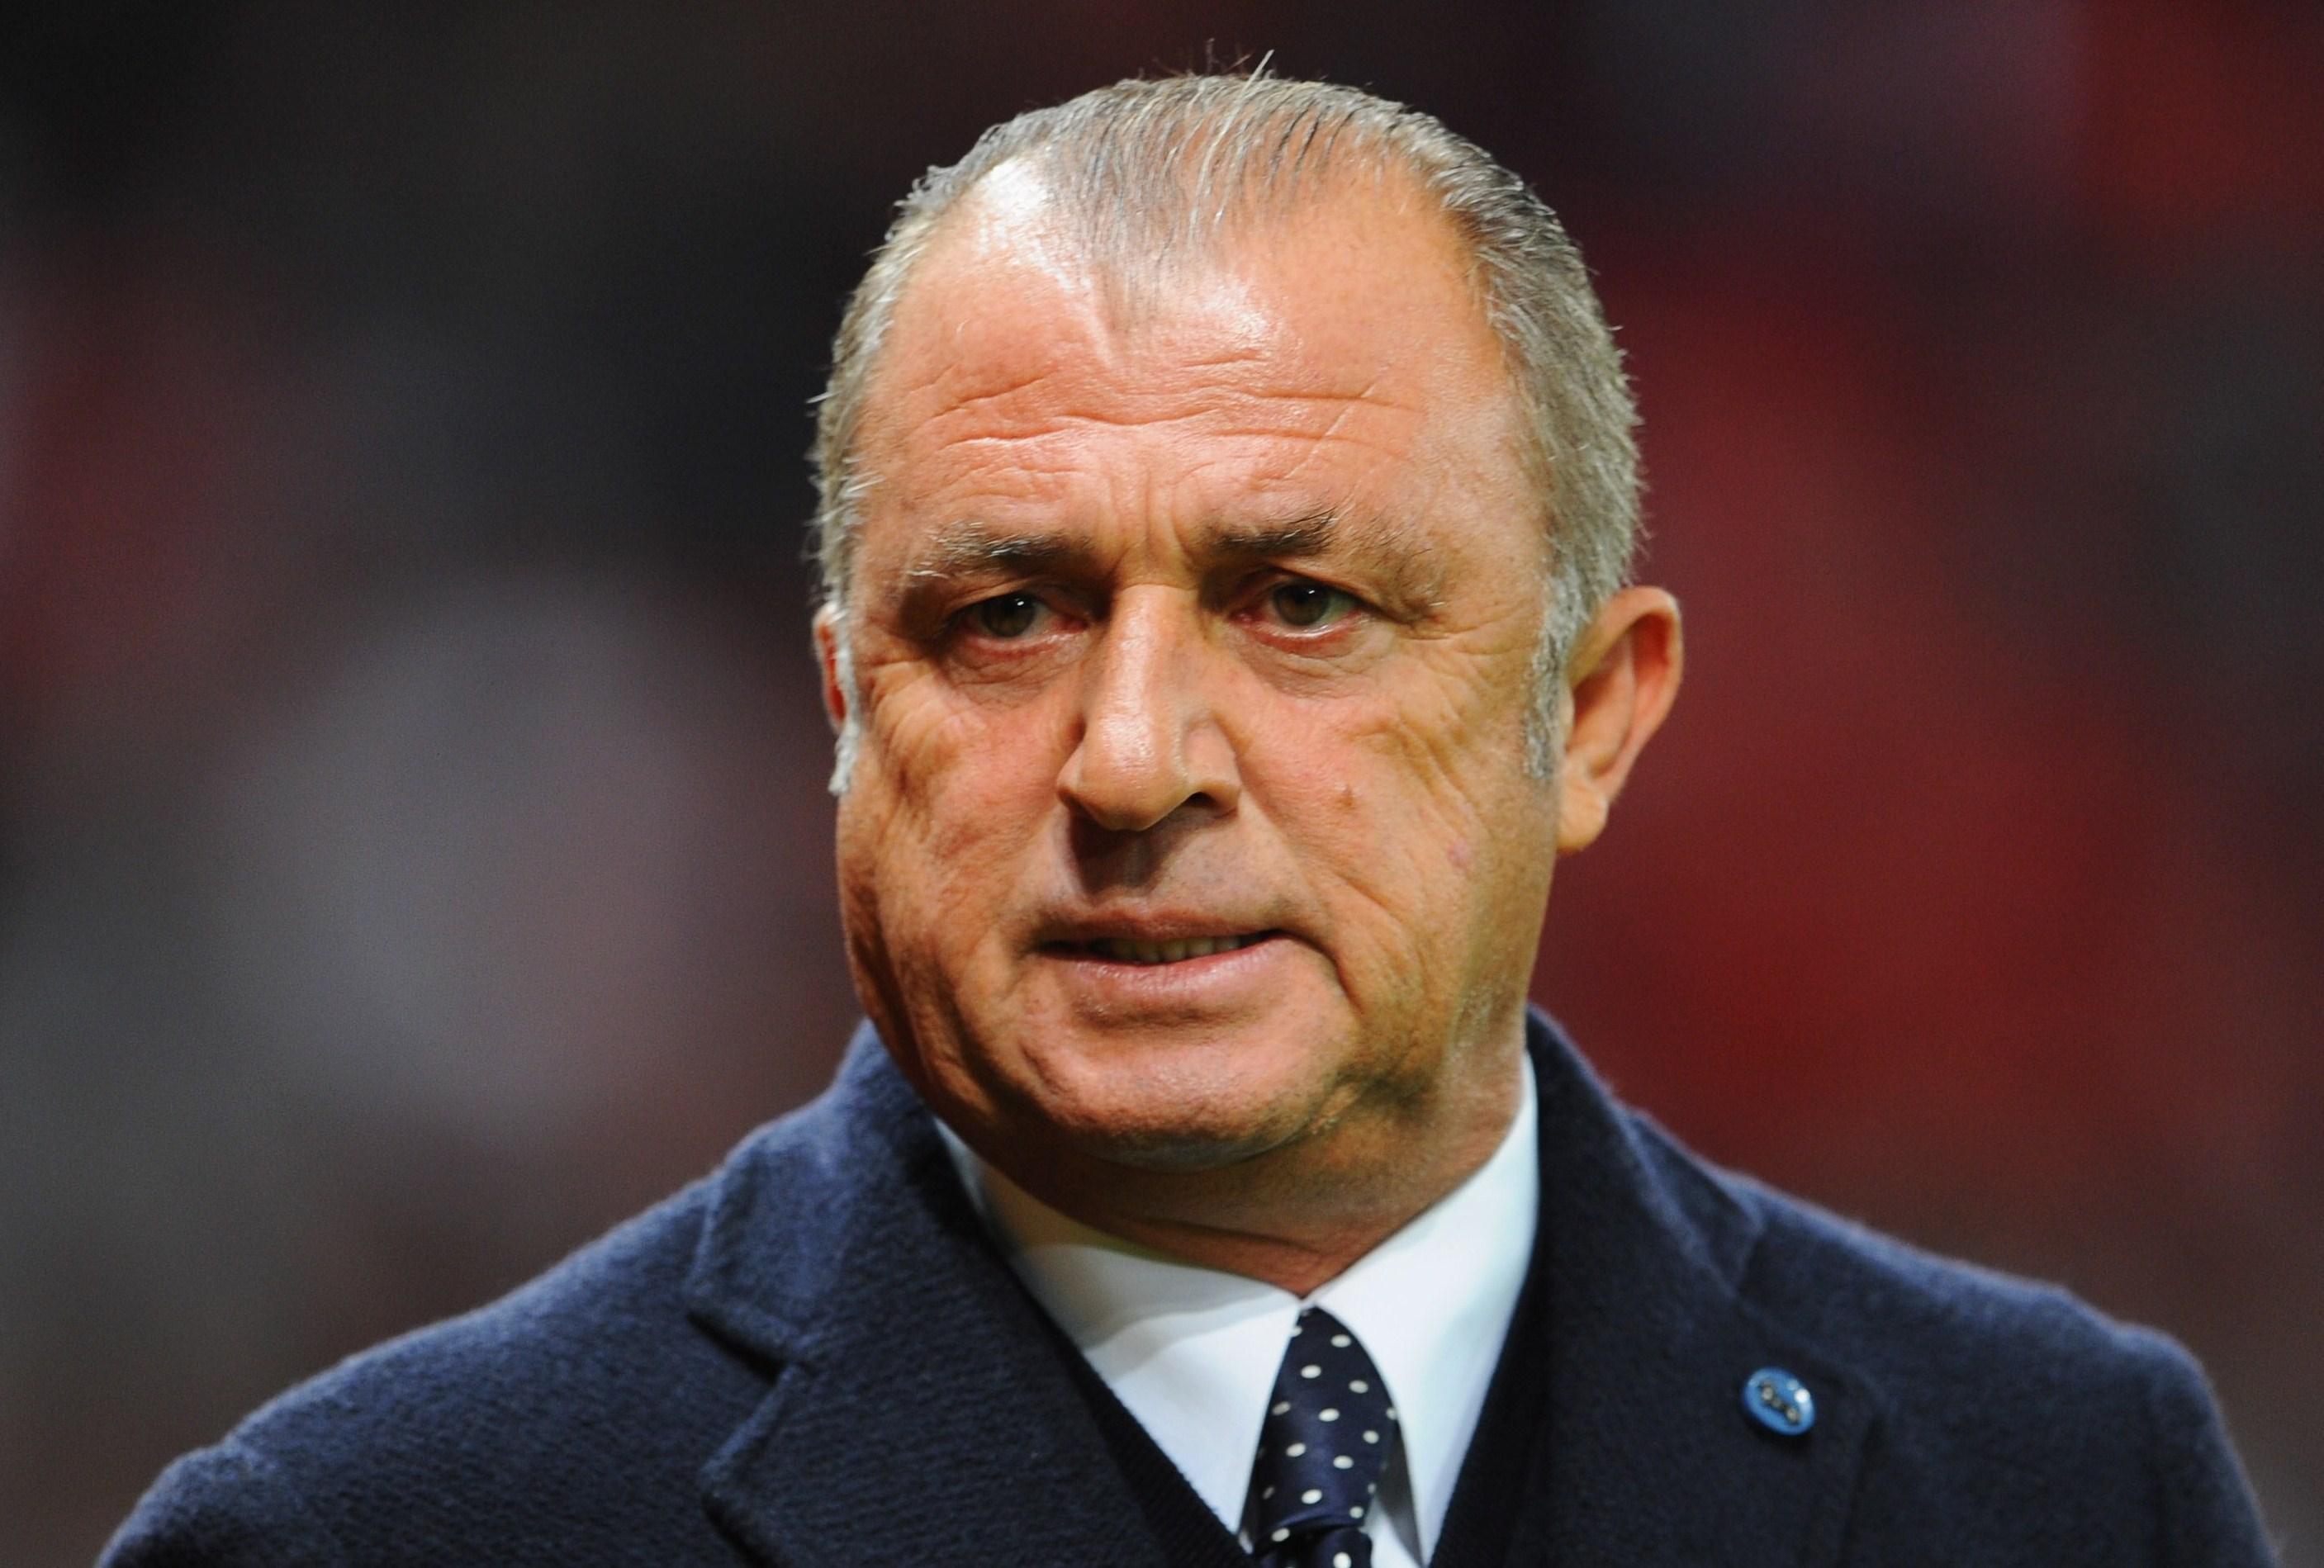 Фатих Терим требует от Федерации футбола Турции компенсацию в размере 3,5 млн евро